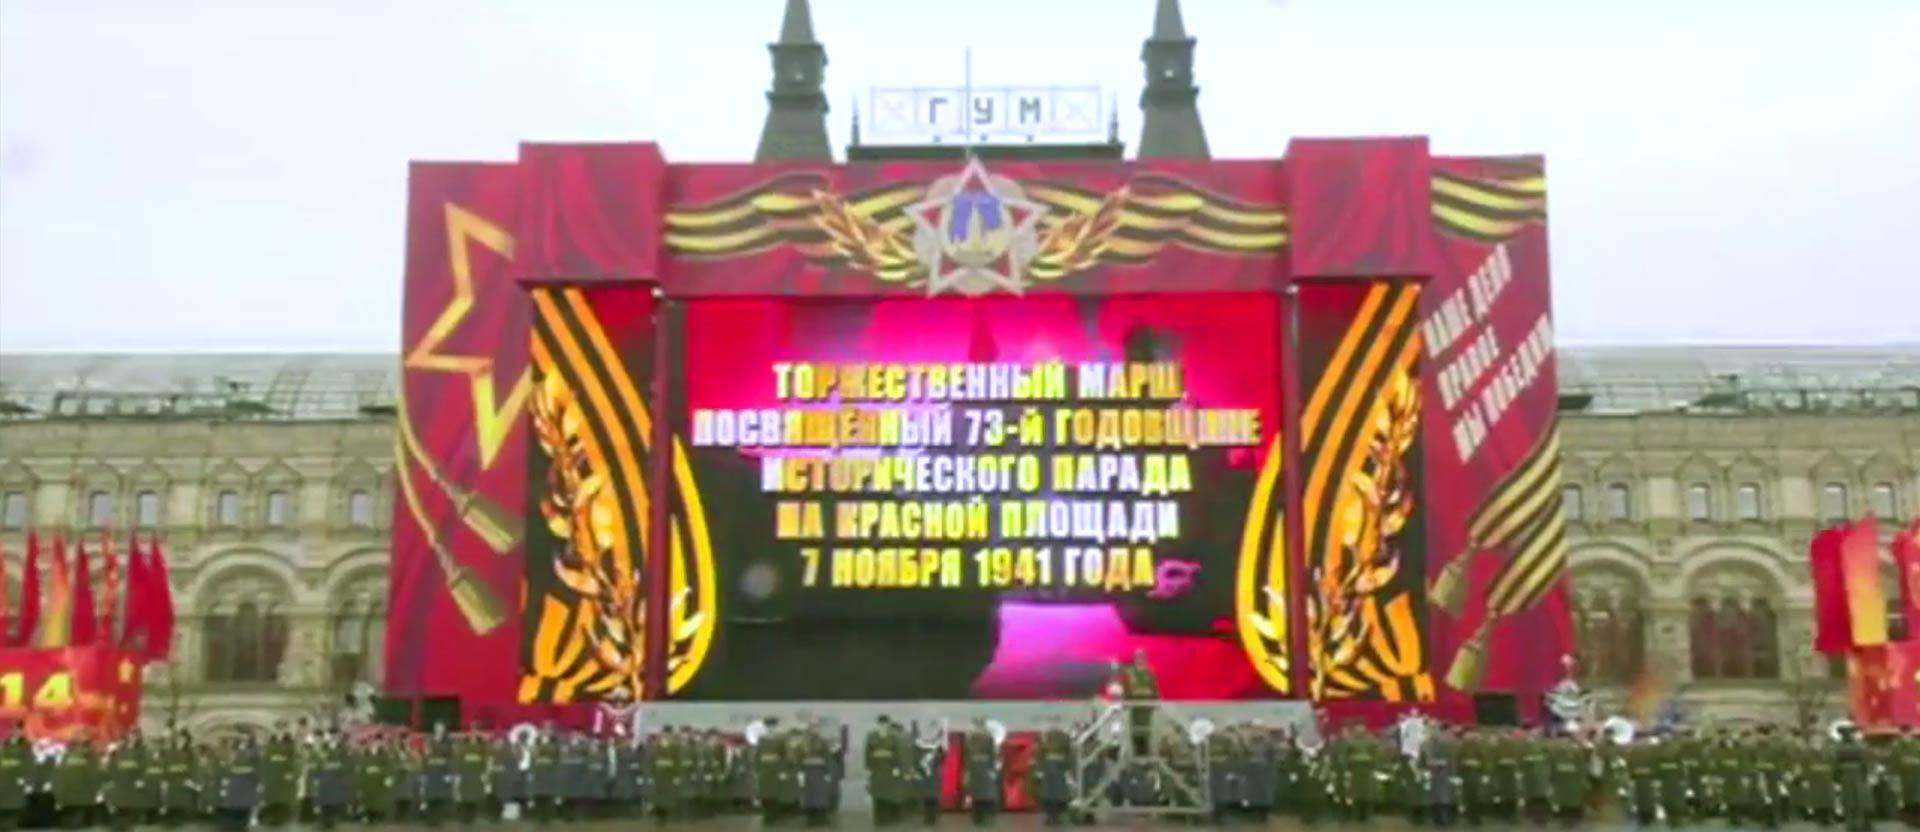 Монтаж праздничного оформления 7 ноября на Красной площади